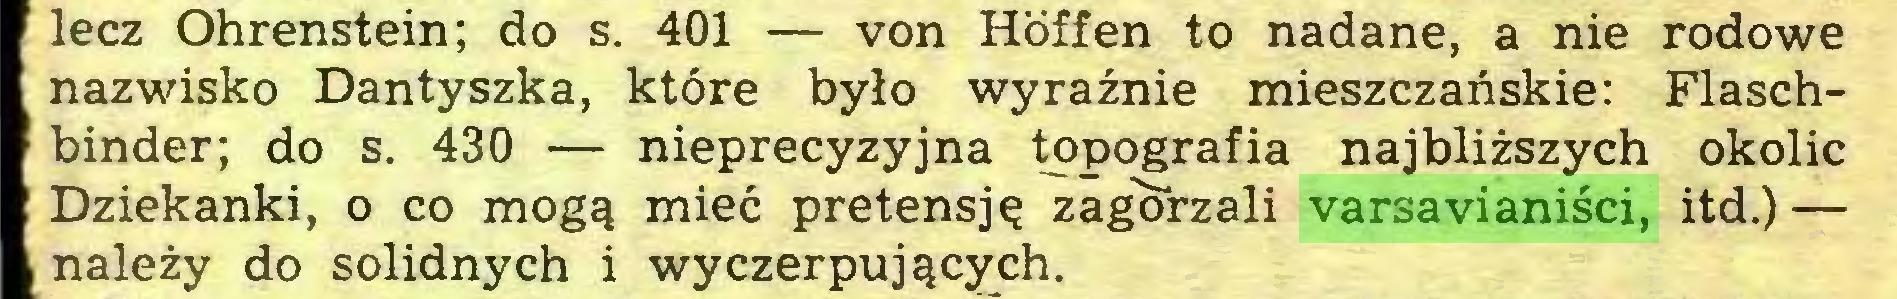 (...) lecz Ohrenstein; do s. 401 — von Höffen to nadane, a nie rodowe nazwisko Dantyszka, które było wyraźnie mieszczańskie: Flaschbinder; do s. 430 — nieprecyzyjna topografia najbliższych okolic Dziekanki, o co mogą mieć pretensję zagorzali varsavianiści, itd.) — należy do solidnych i wyczerpujących...